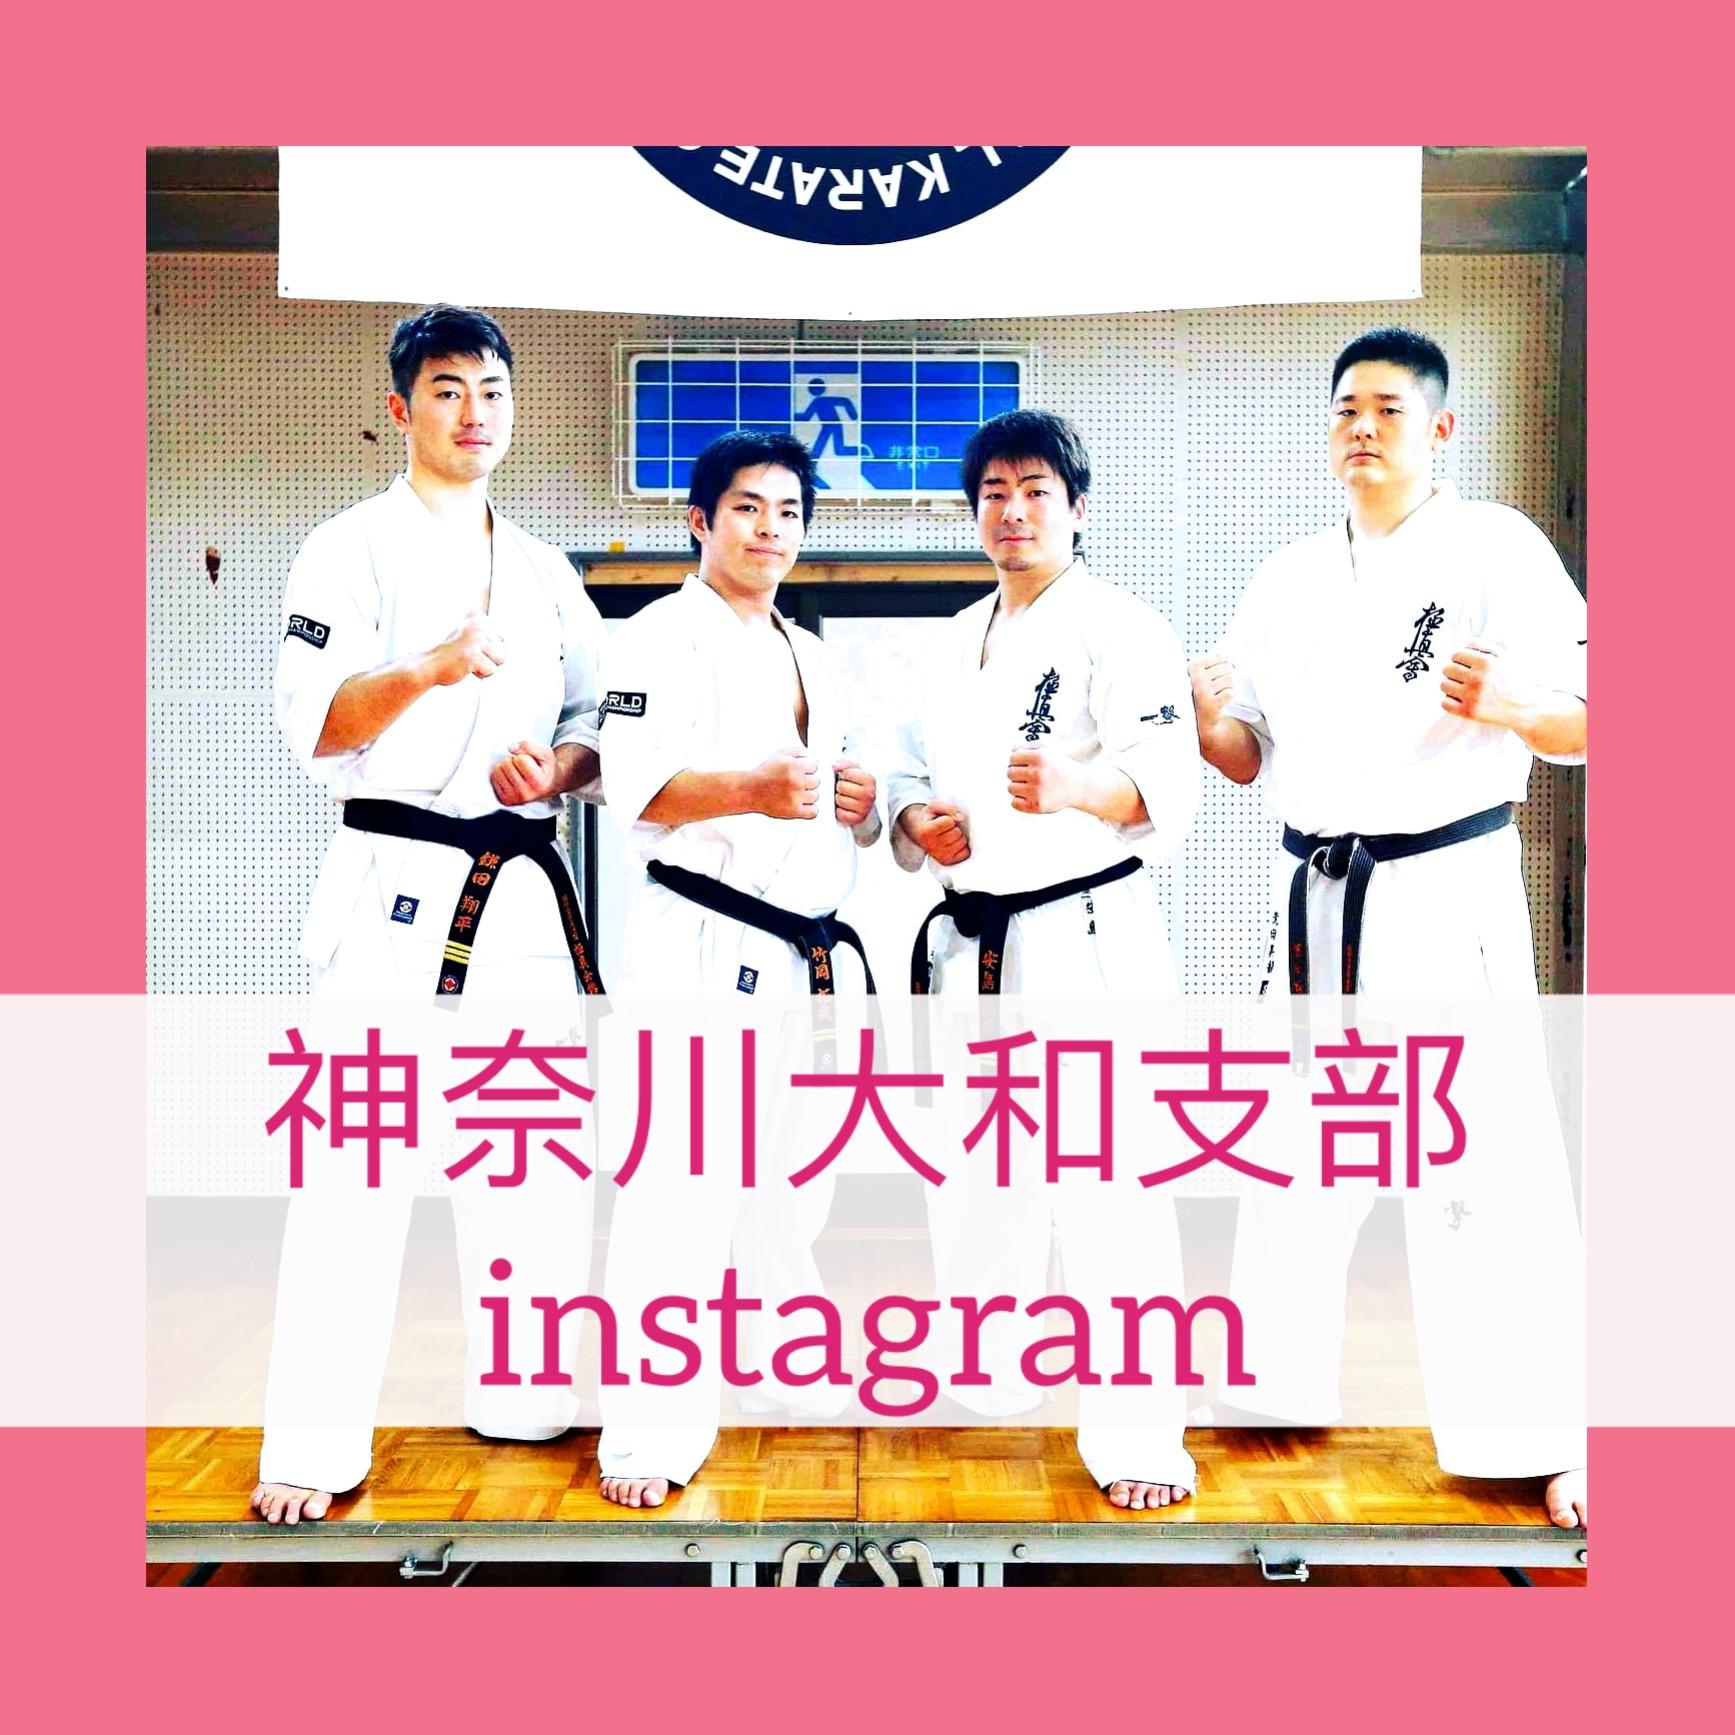 神奈川大和支部instagram